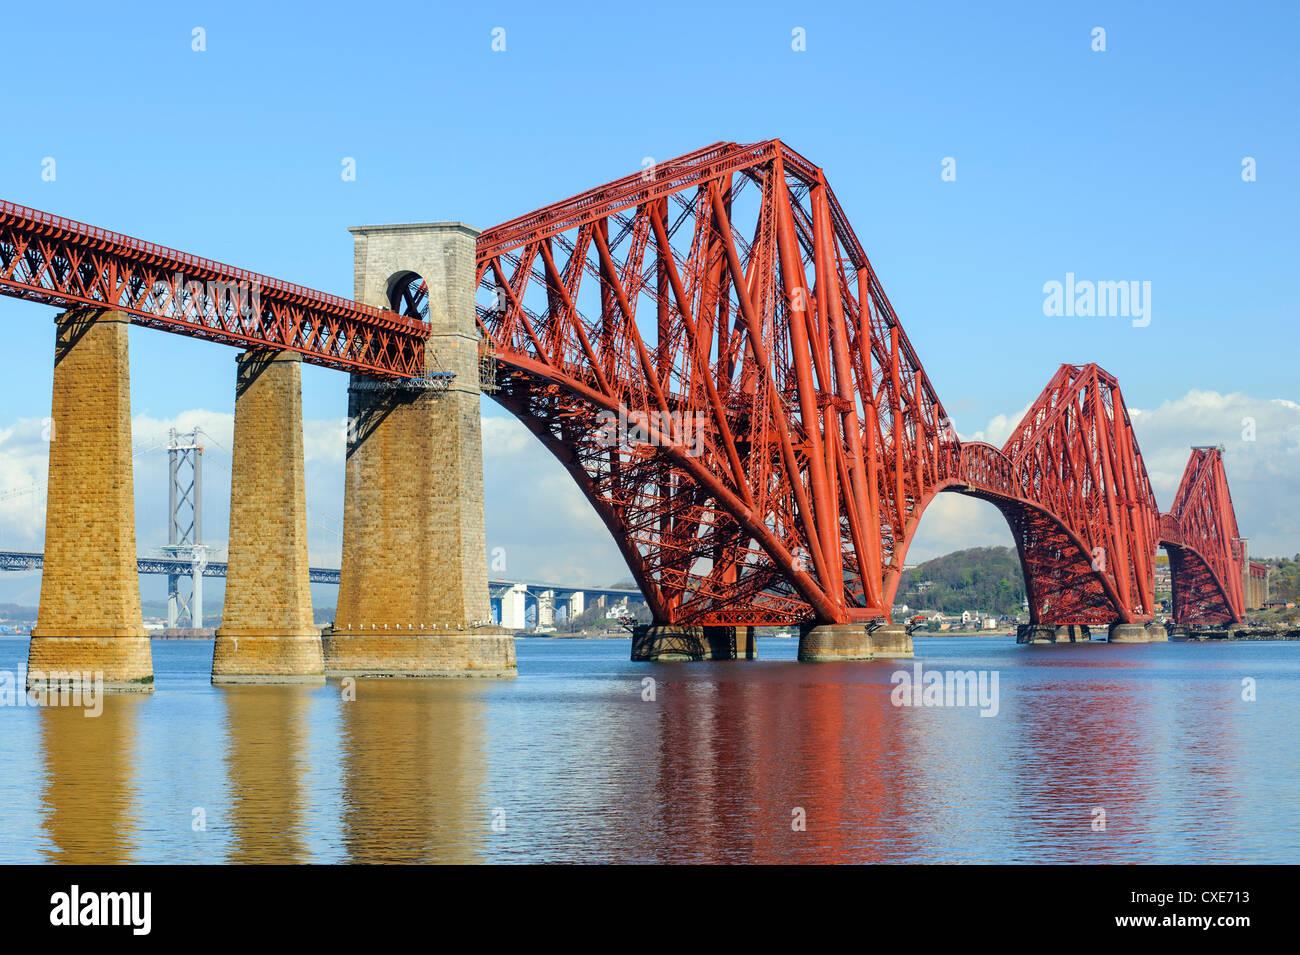 Forth Rail Bridge über den Firth von weiter, South Queensferry in der Nähe von Edinburgh, Lothian, Schottland Stockbild